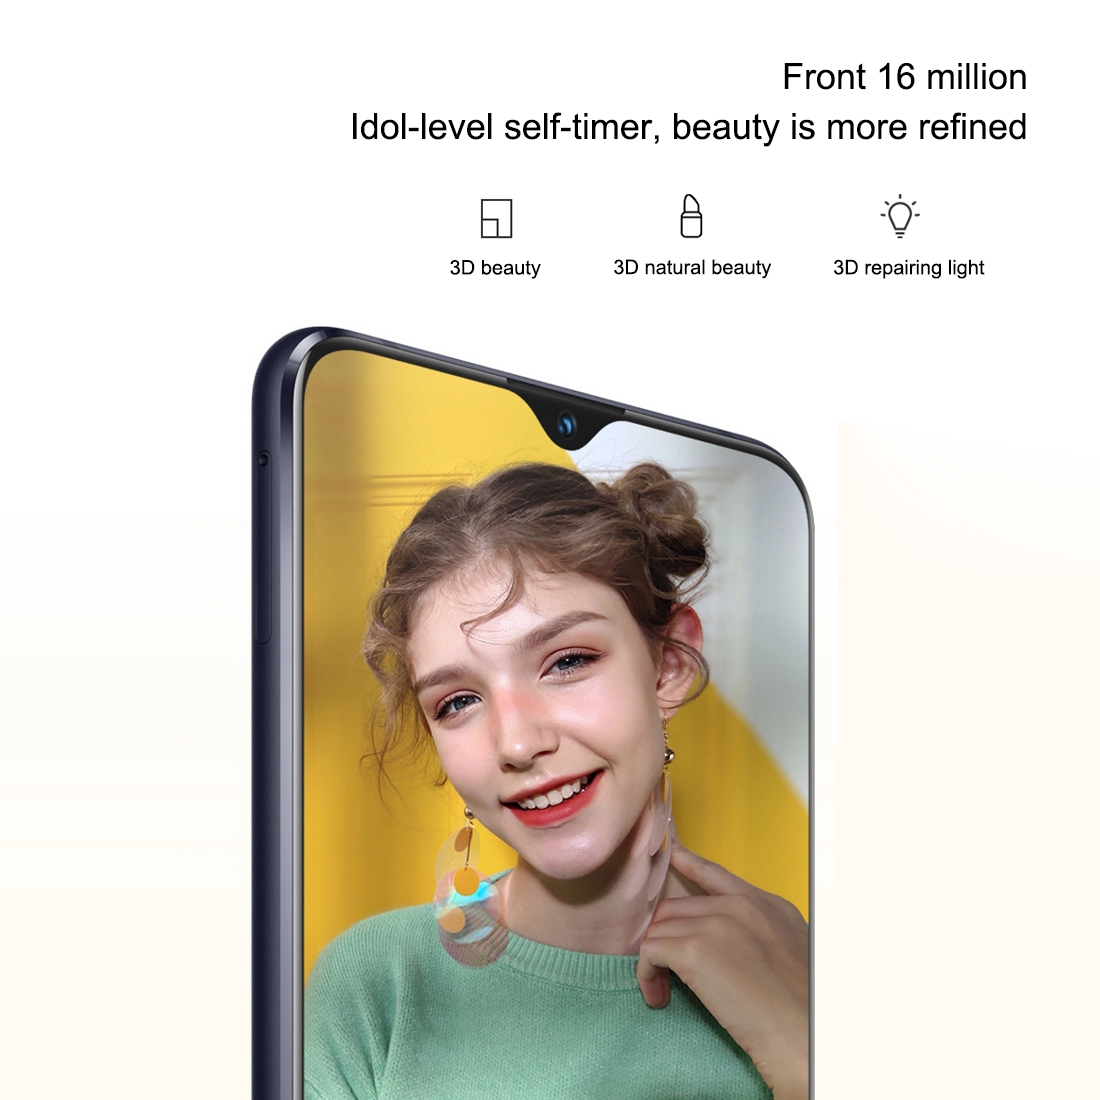 i.ibb.co/GHzjH0p/Smartphone-6-GB-de-Ram-64-GB-de-ROM-Lenovo-Z5s-16.jpg